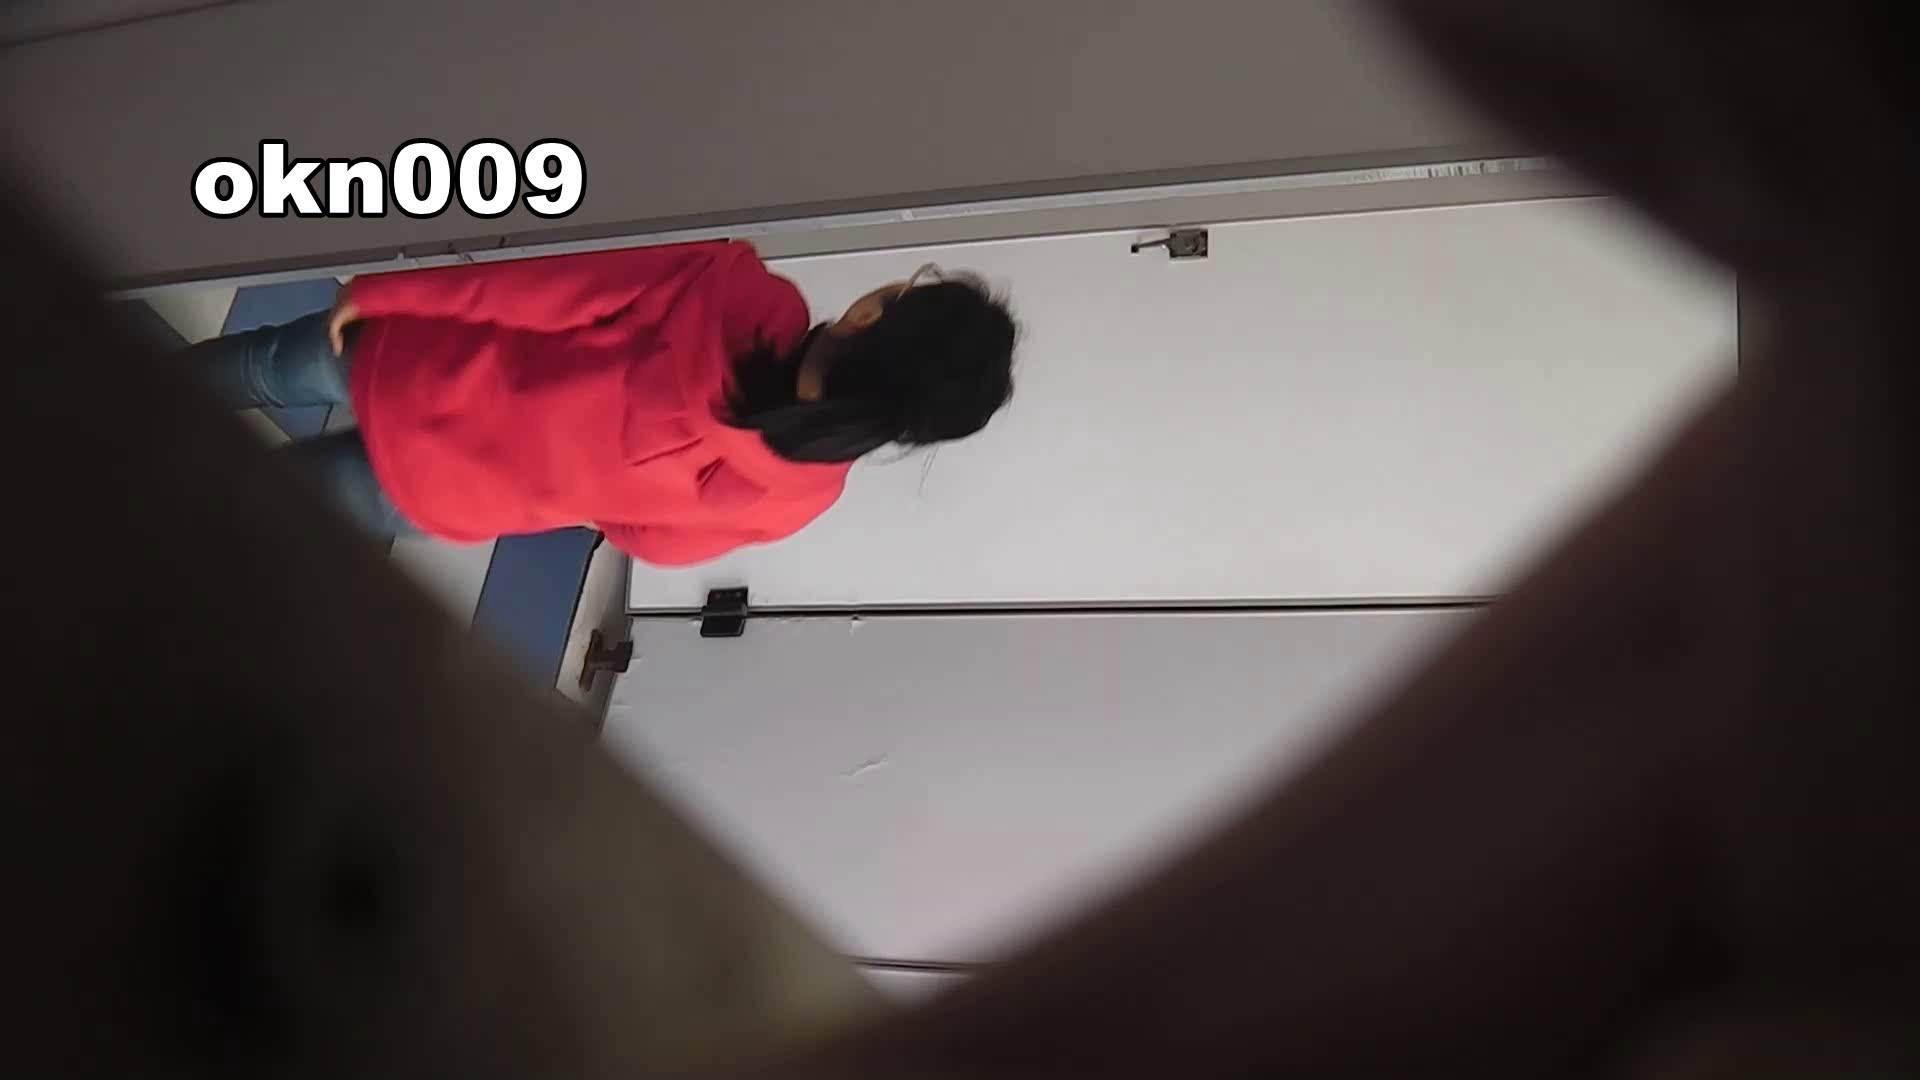 下からノゾム vol.009 リキンでモリアガった割にヒョロ 丸見え おまんこ無修正動画無料 72画像 54